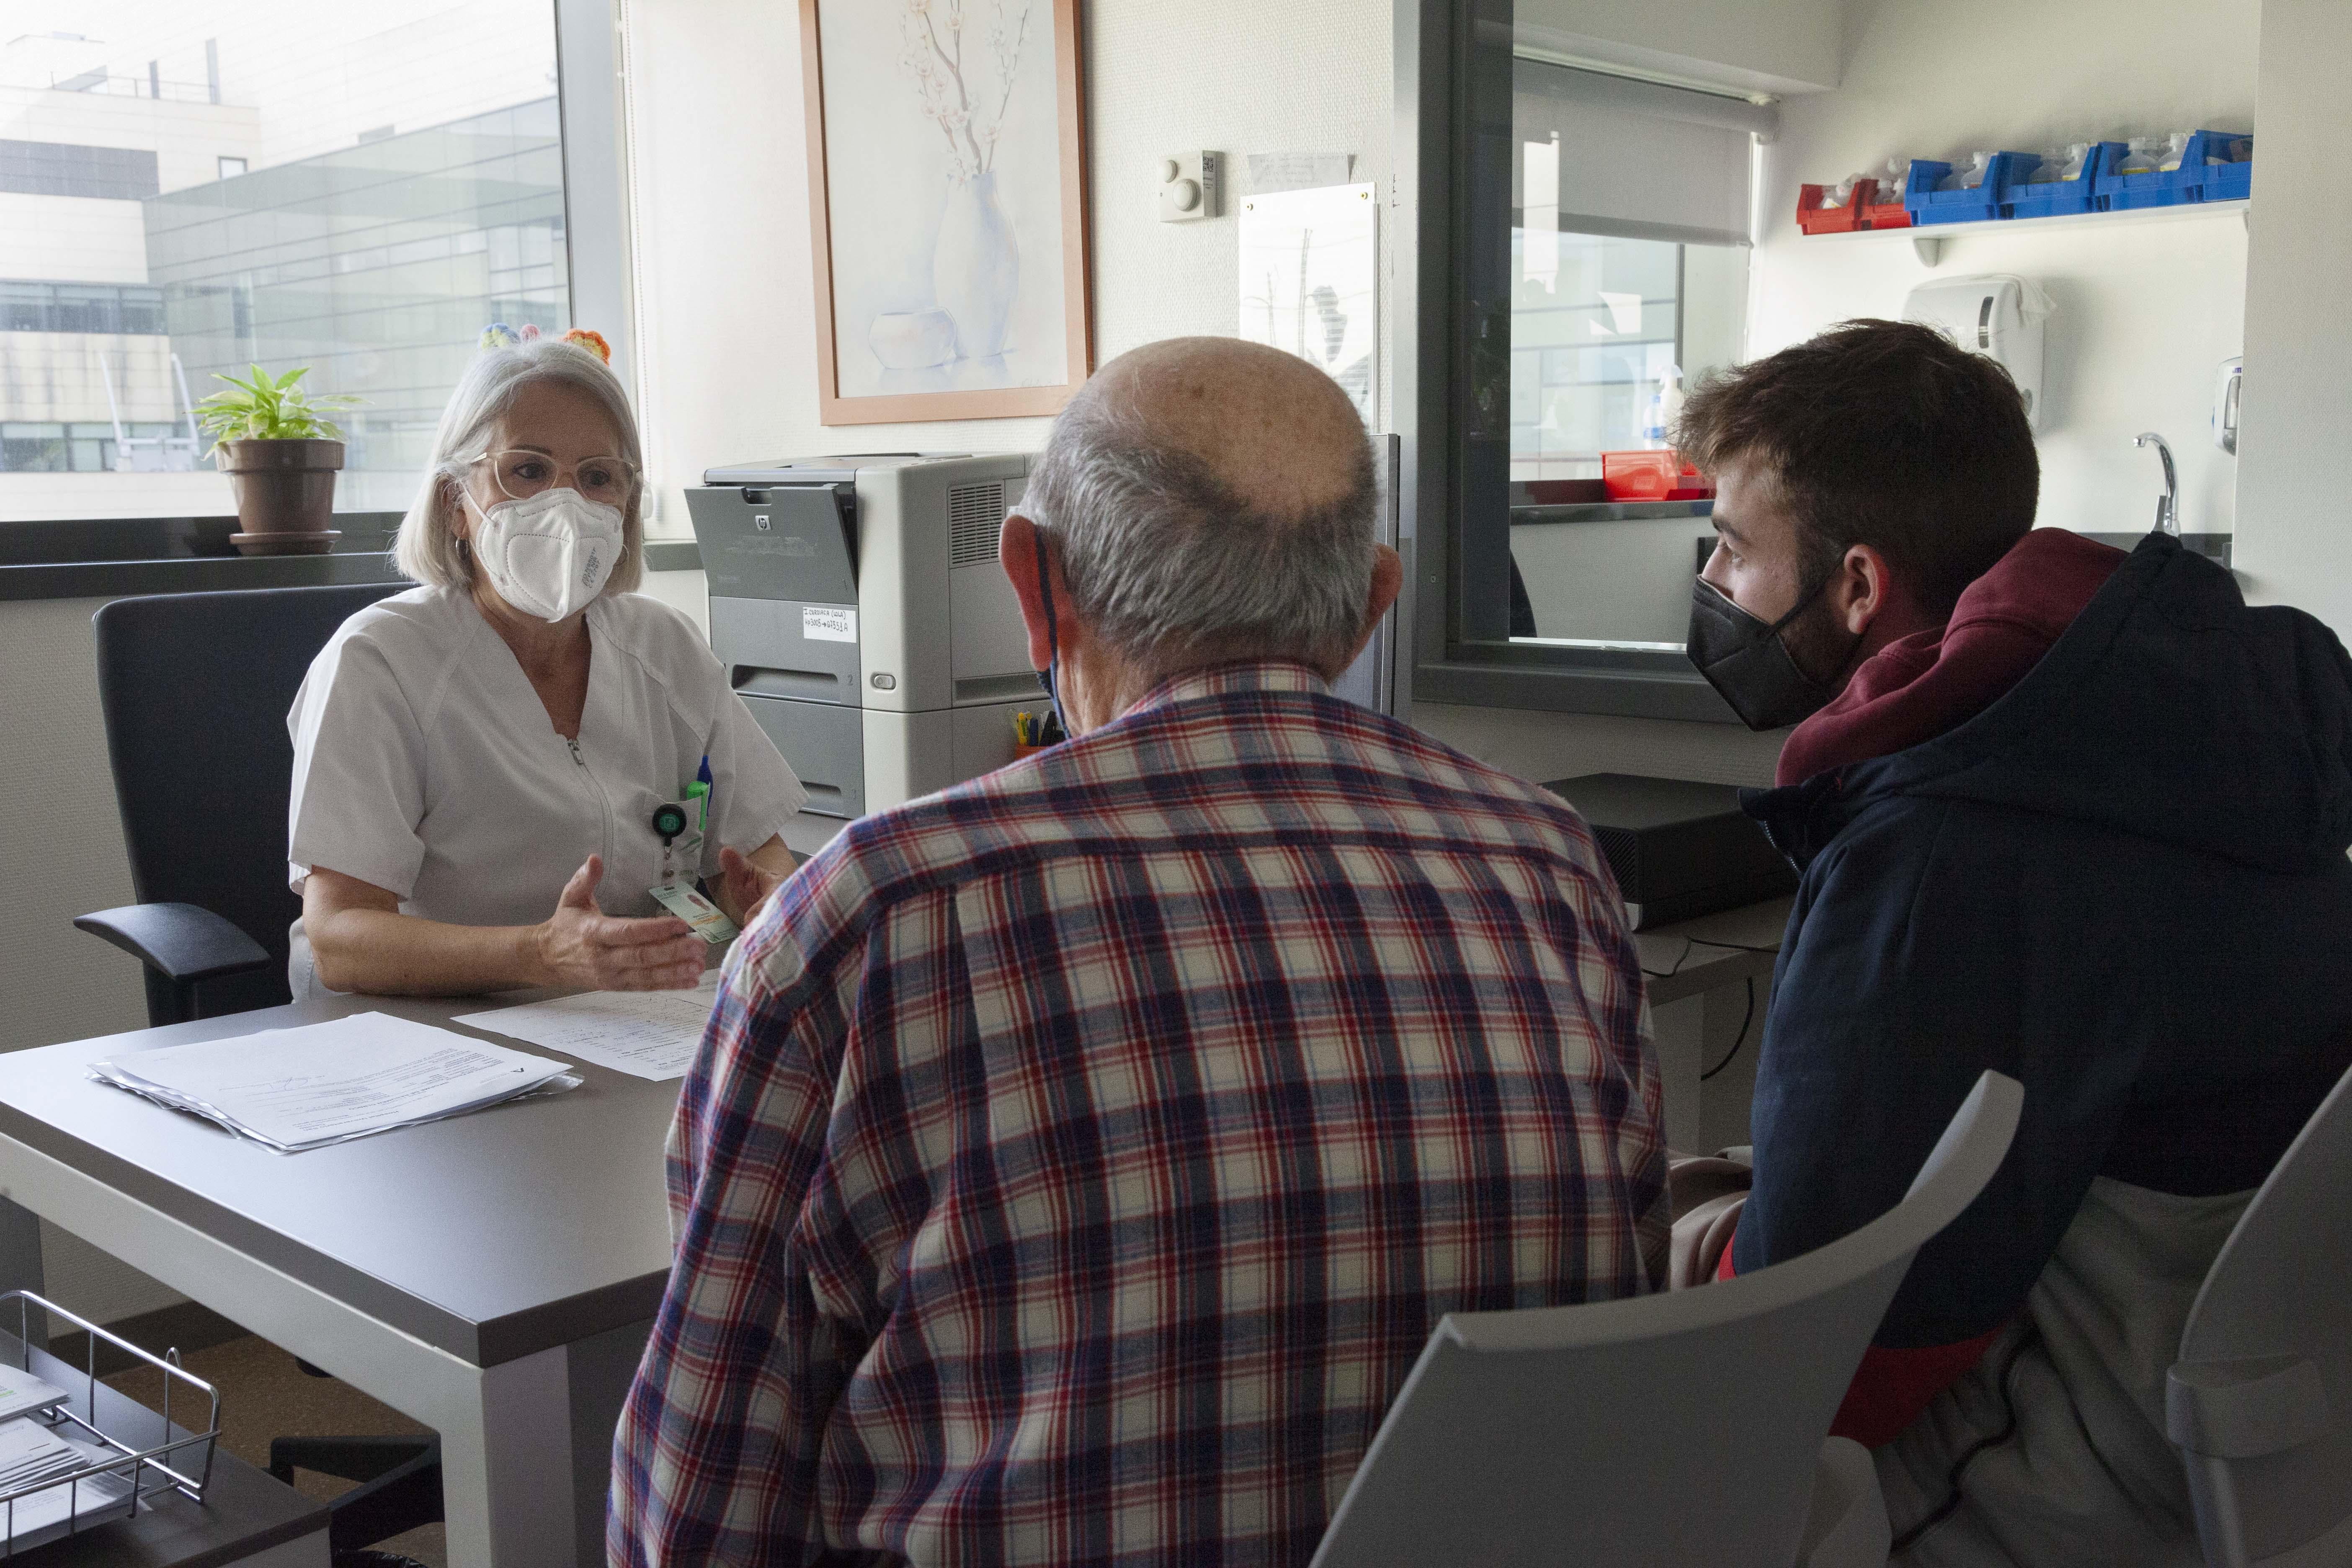 160 sanitarios de atención primaria y hospitalaria participarán en las sesiones 'Atención multidisciplinar del paciente con insuficiencia cardíaca'